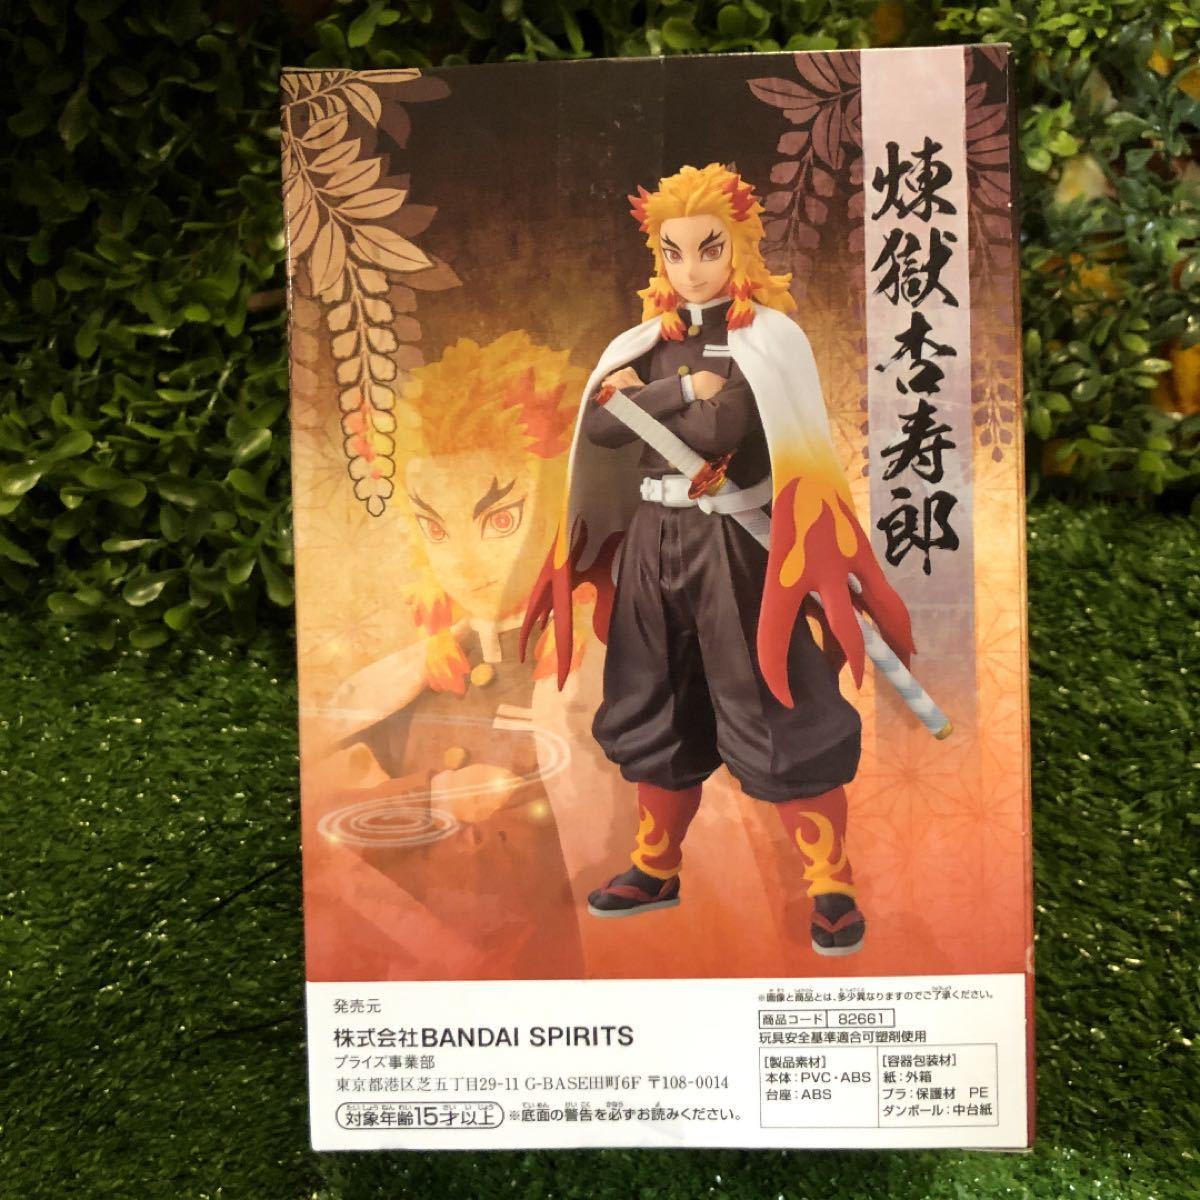 鬼滅の刃 -絆ノ装- 拾ノ型 フィギュア 煉獄杏寿郎